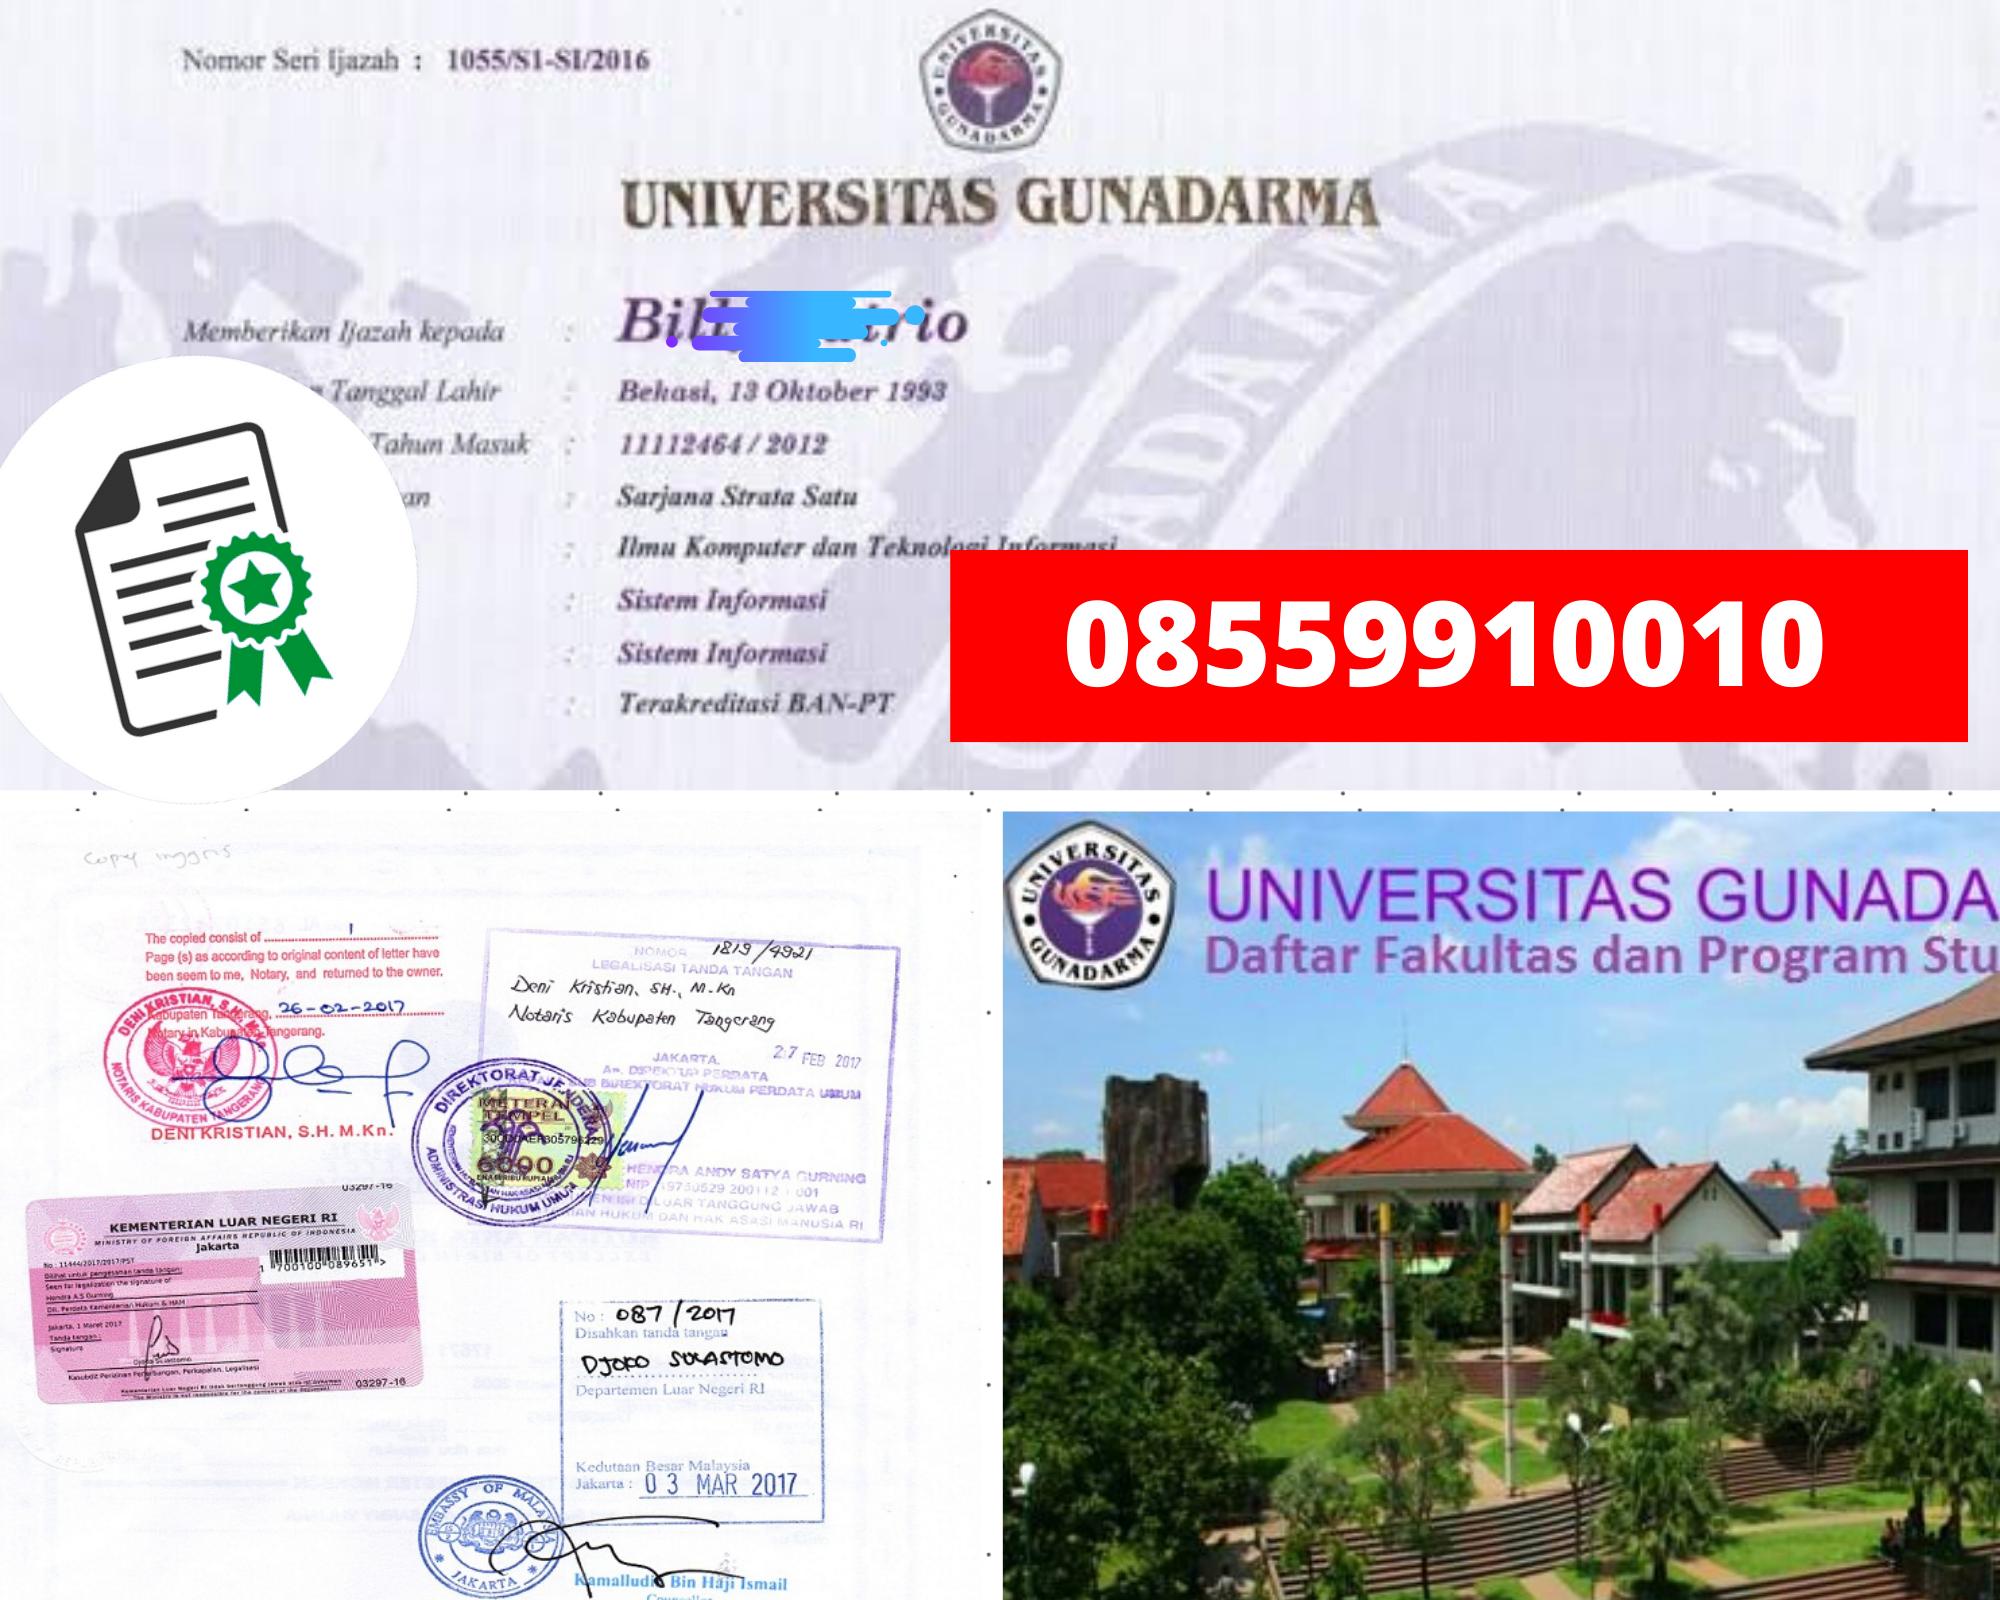 Legalisir Ijazah Universitas Gunadarma Di Kemenristek Dikti || 08559910010